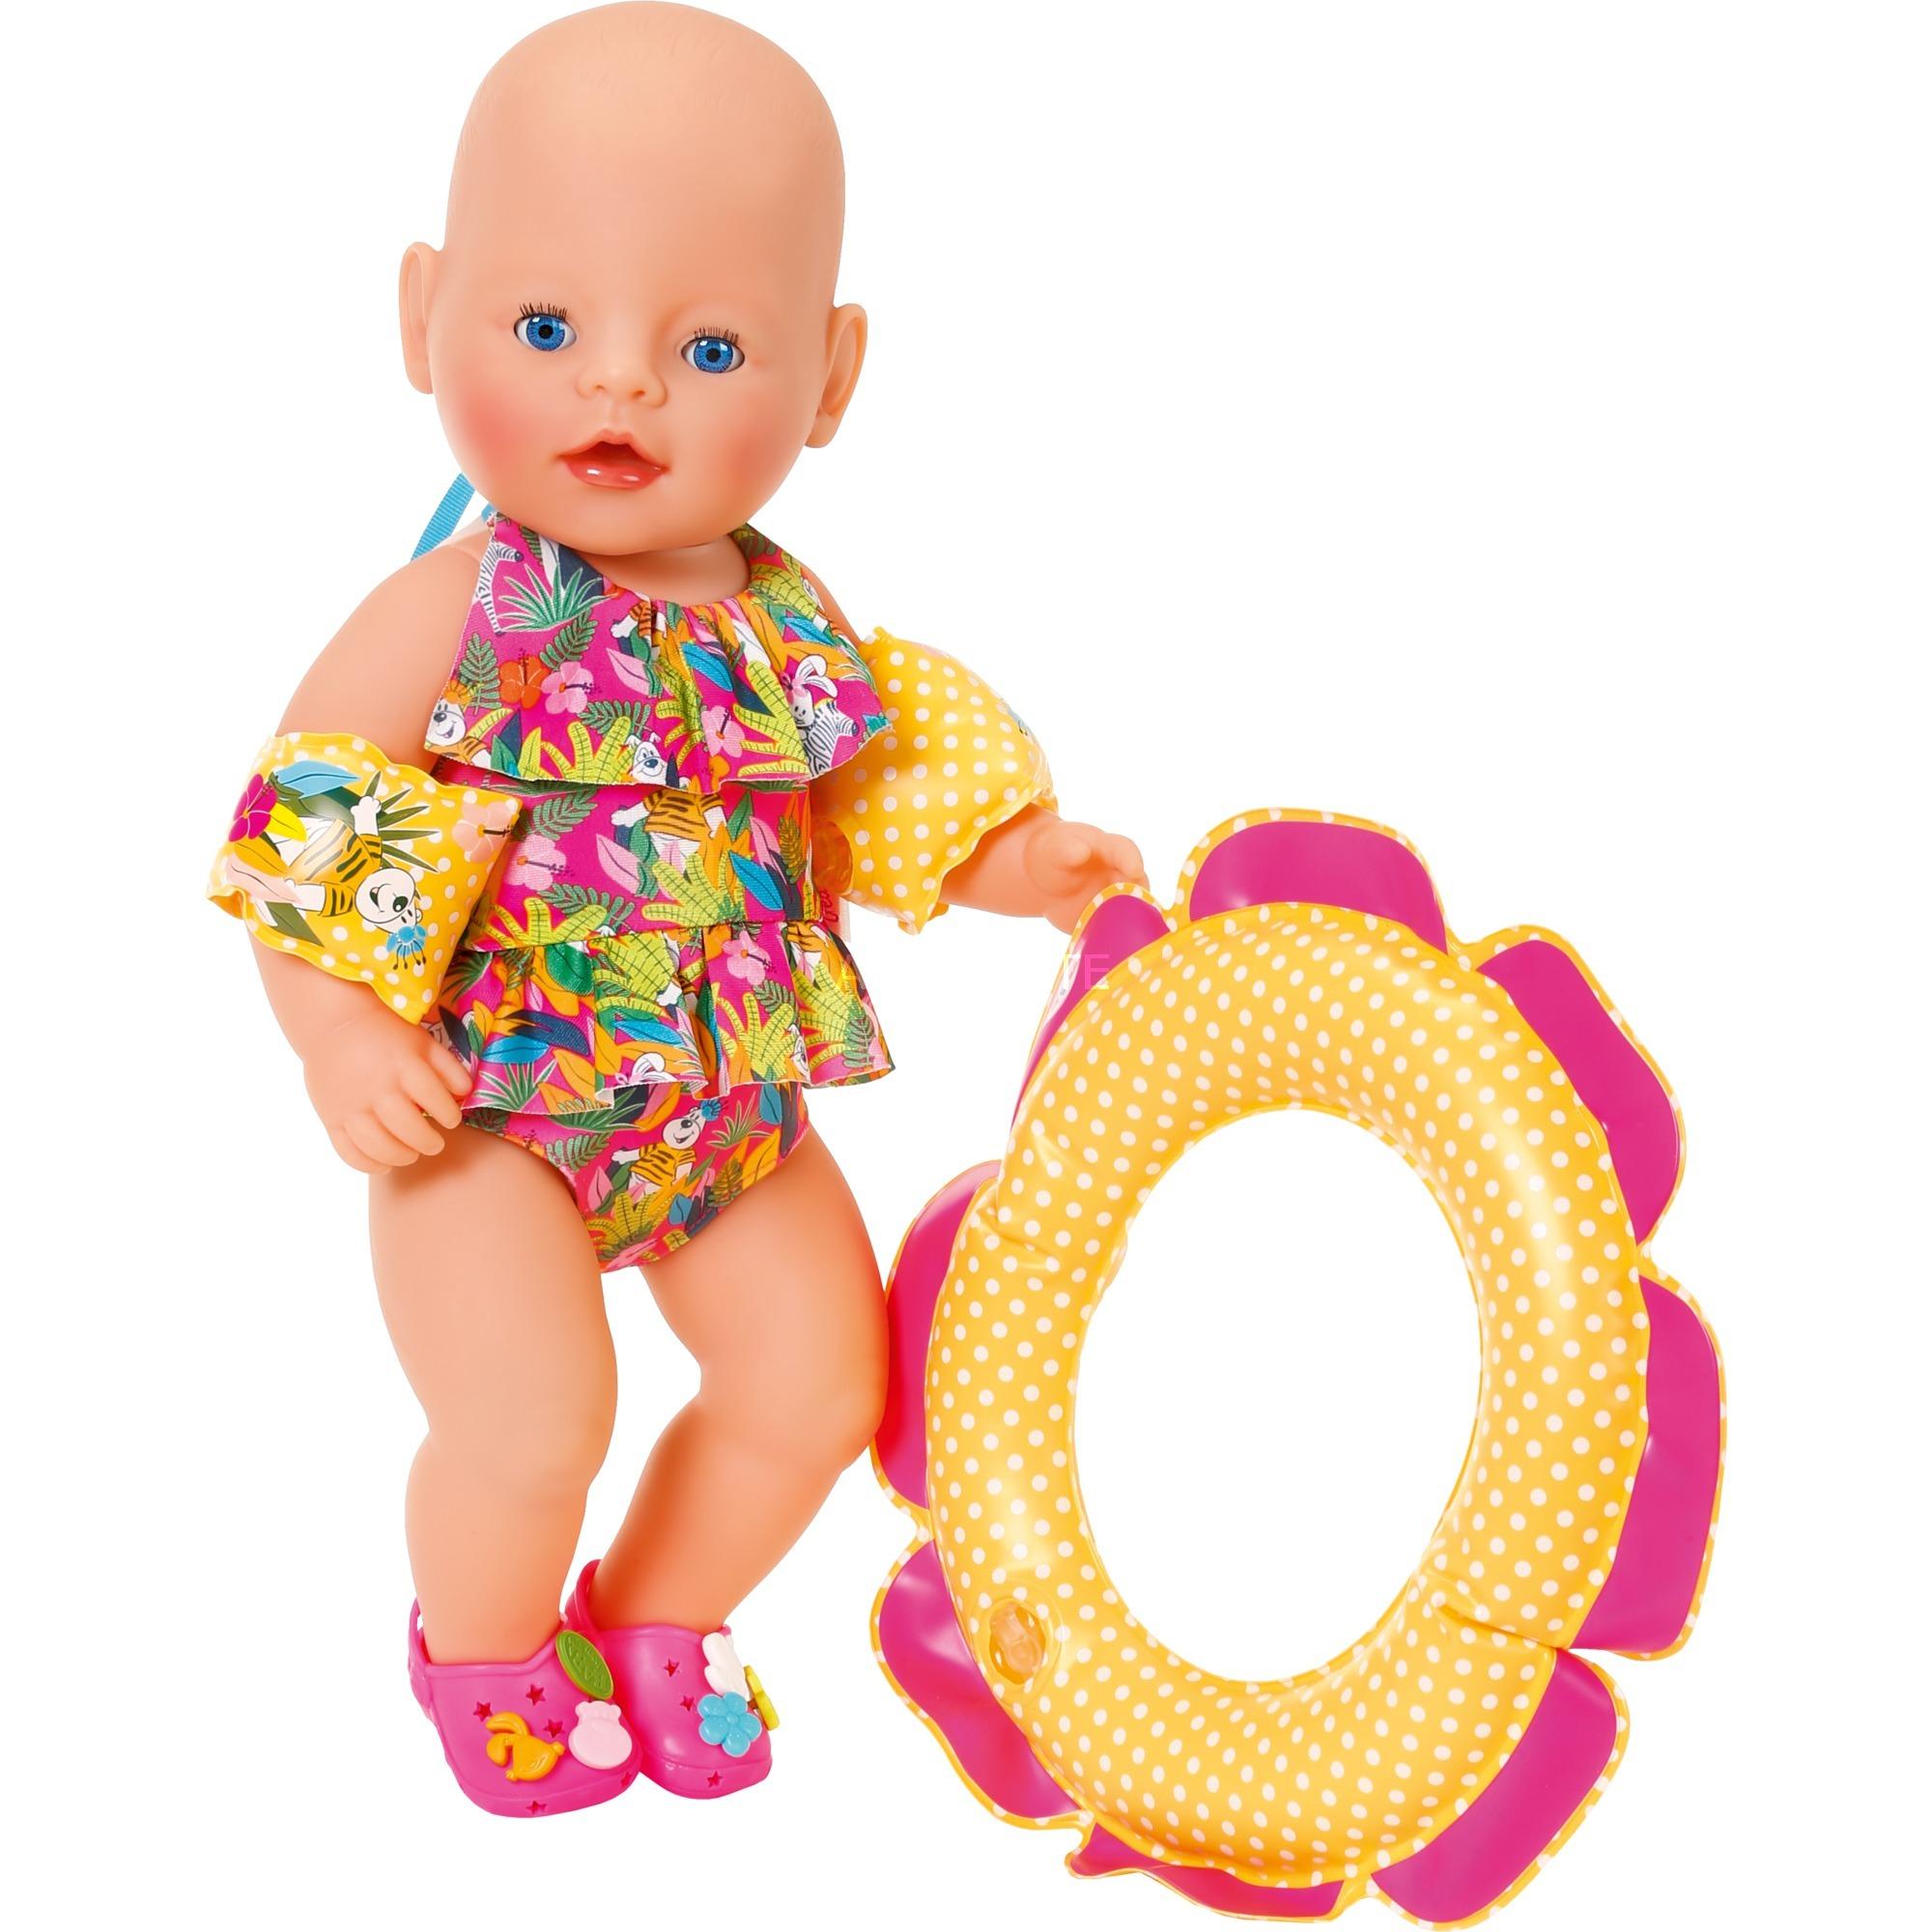 Zapf BABY born® Play&Fun Deluxe Schwimm Set Puppen & Zubehör